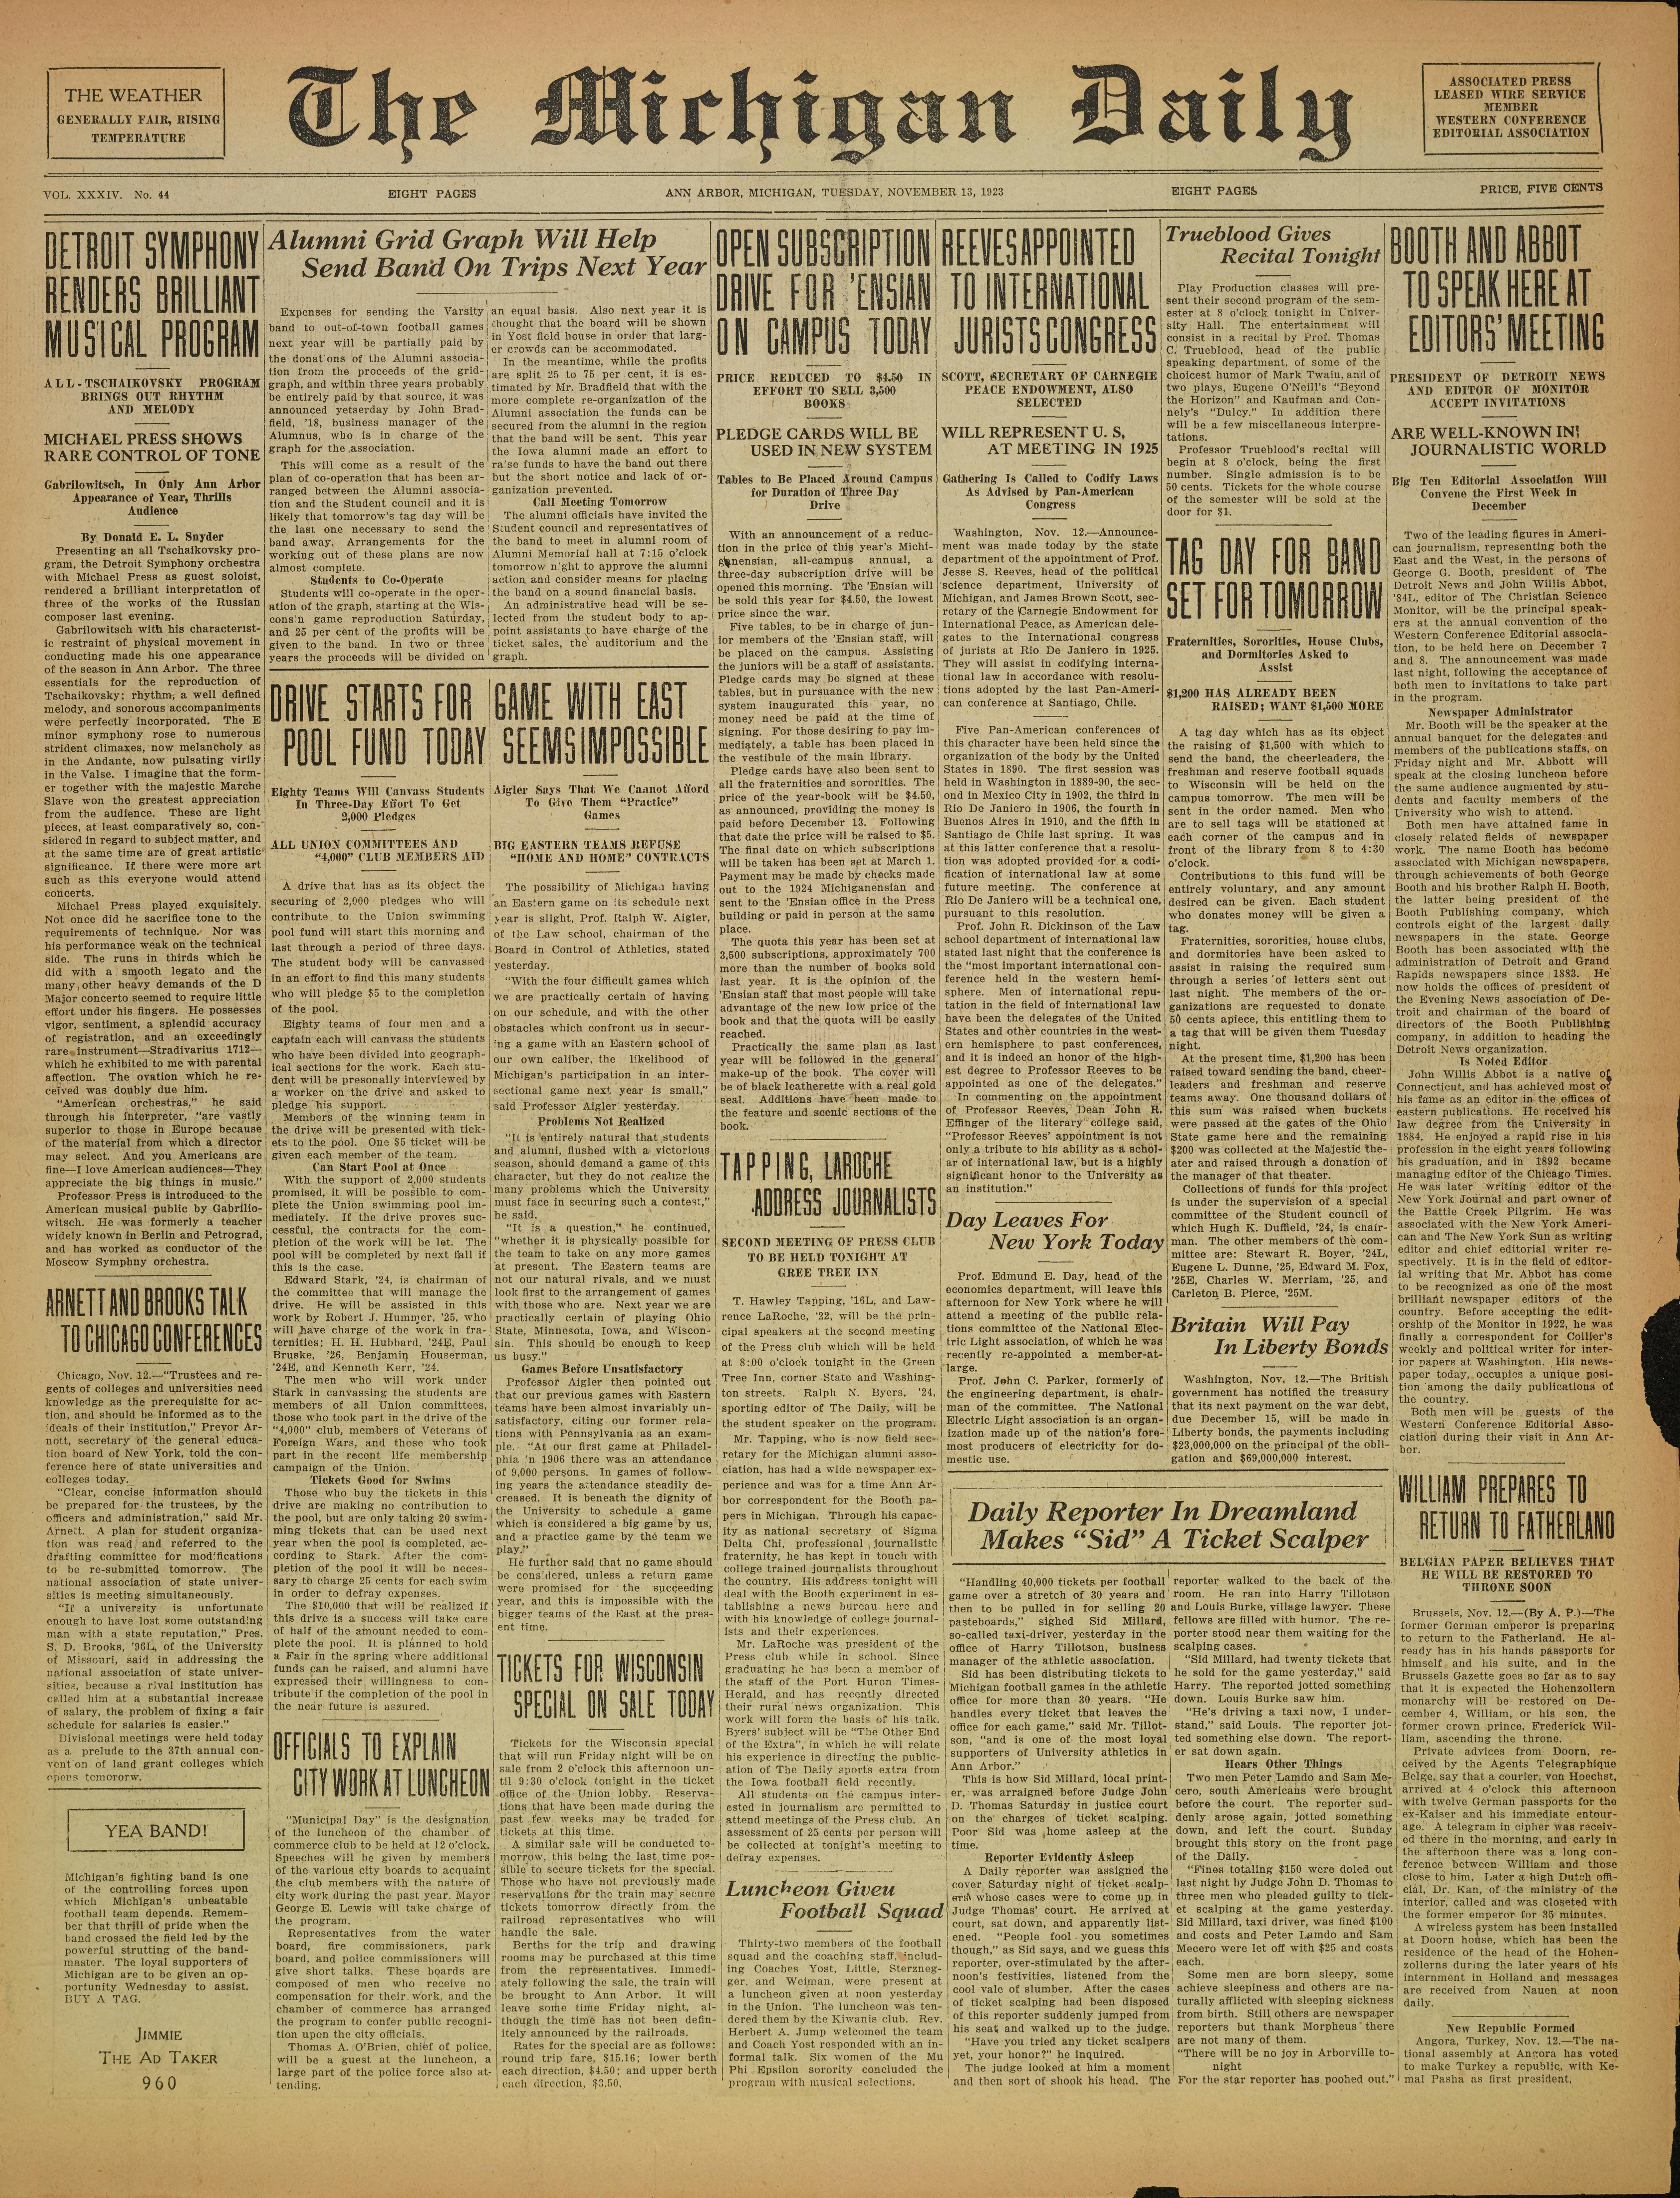 Michigan Daily Digital Archives - November 13, 1923 (vol  34